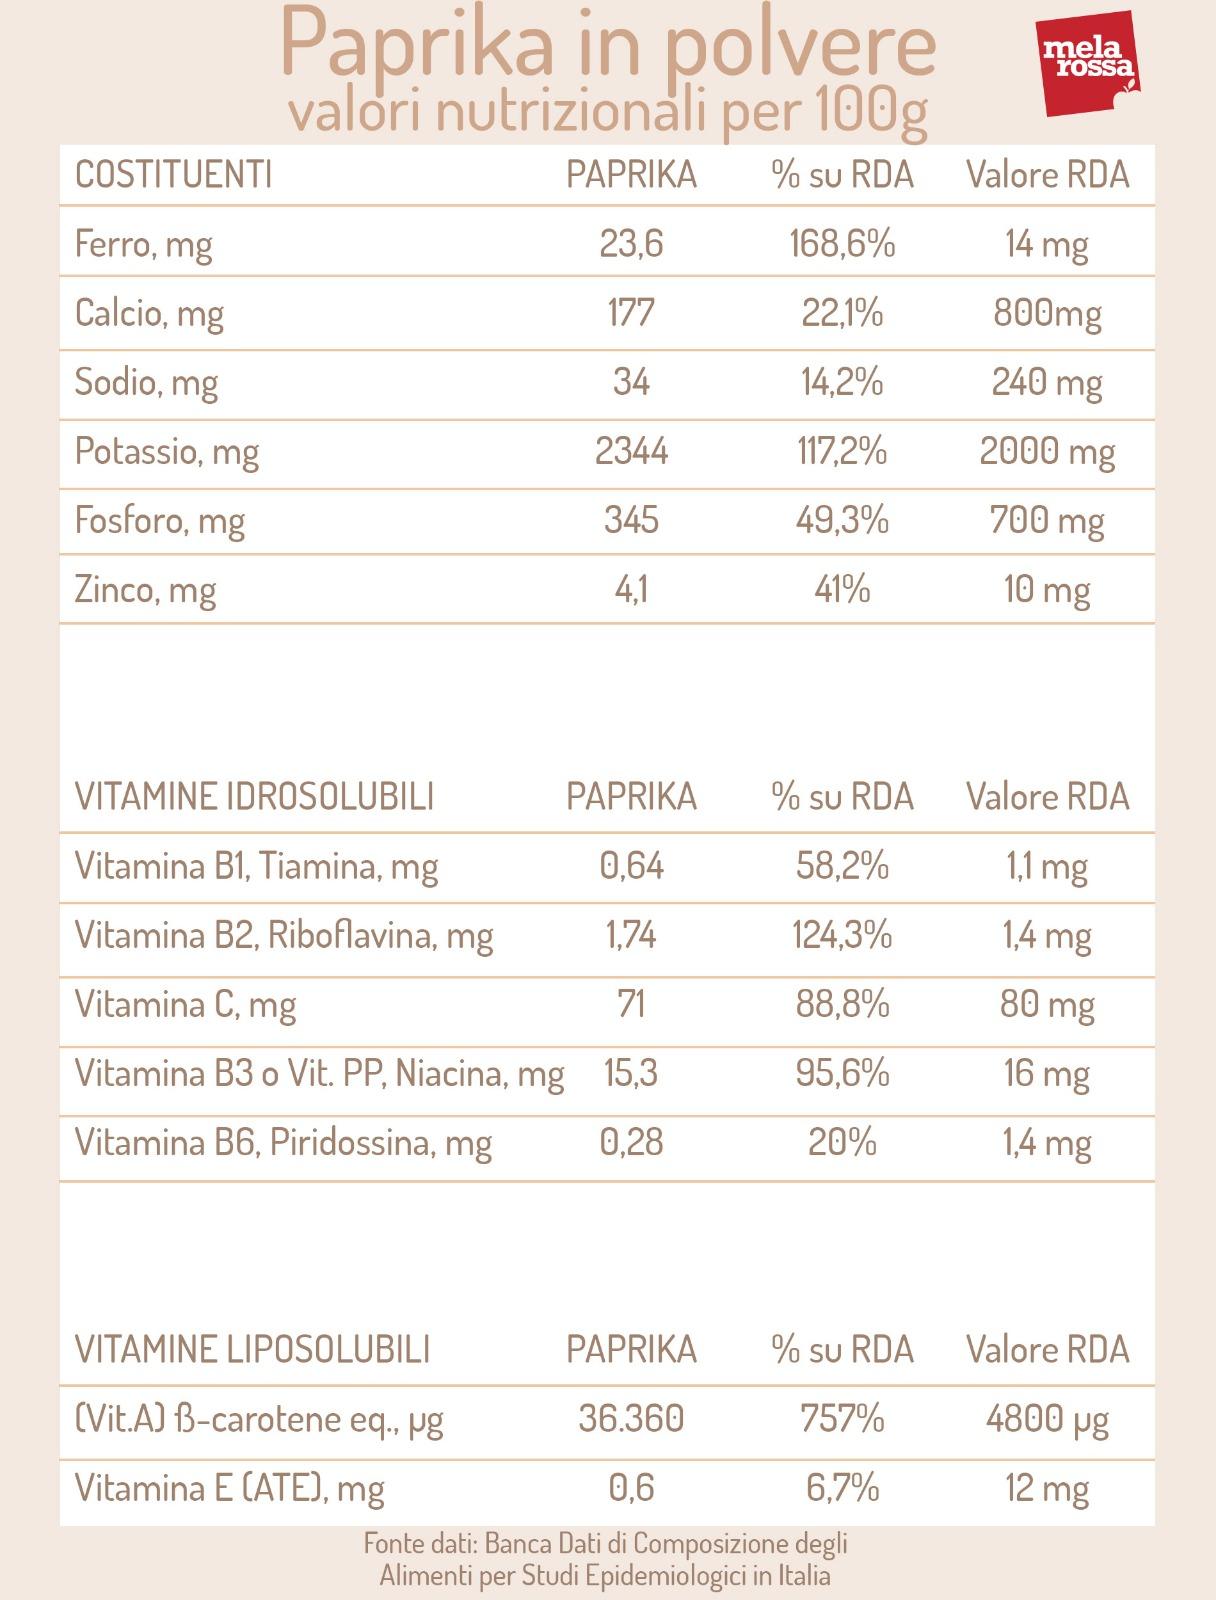 paprika in polvere: valori nutrizionali